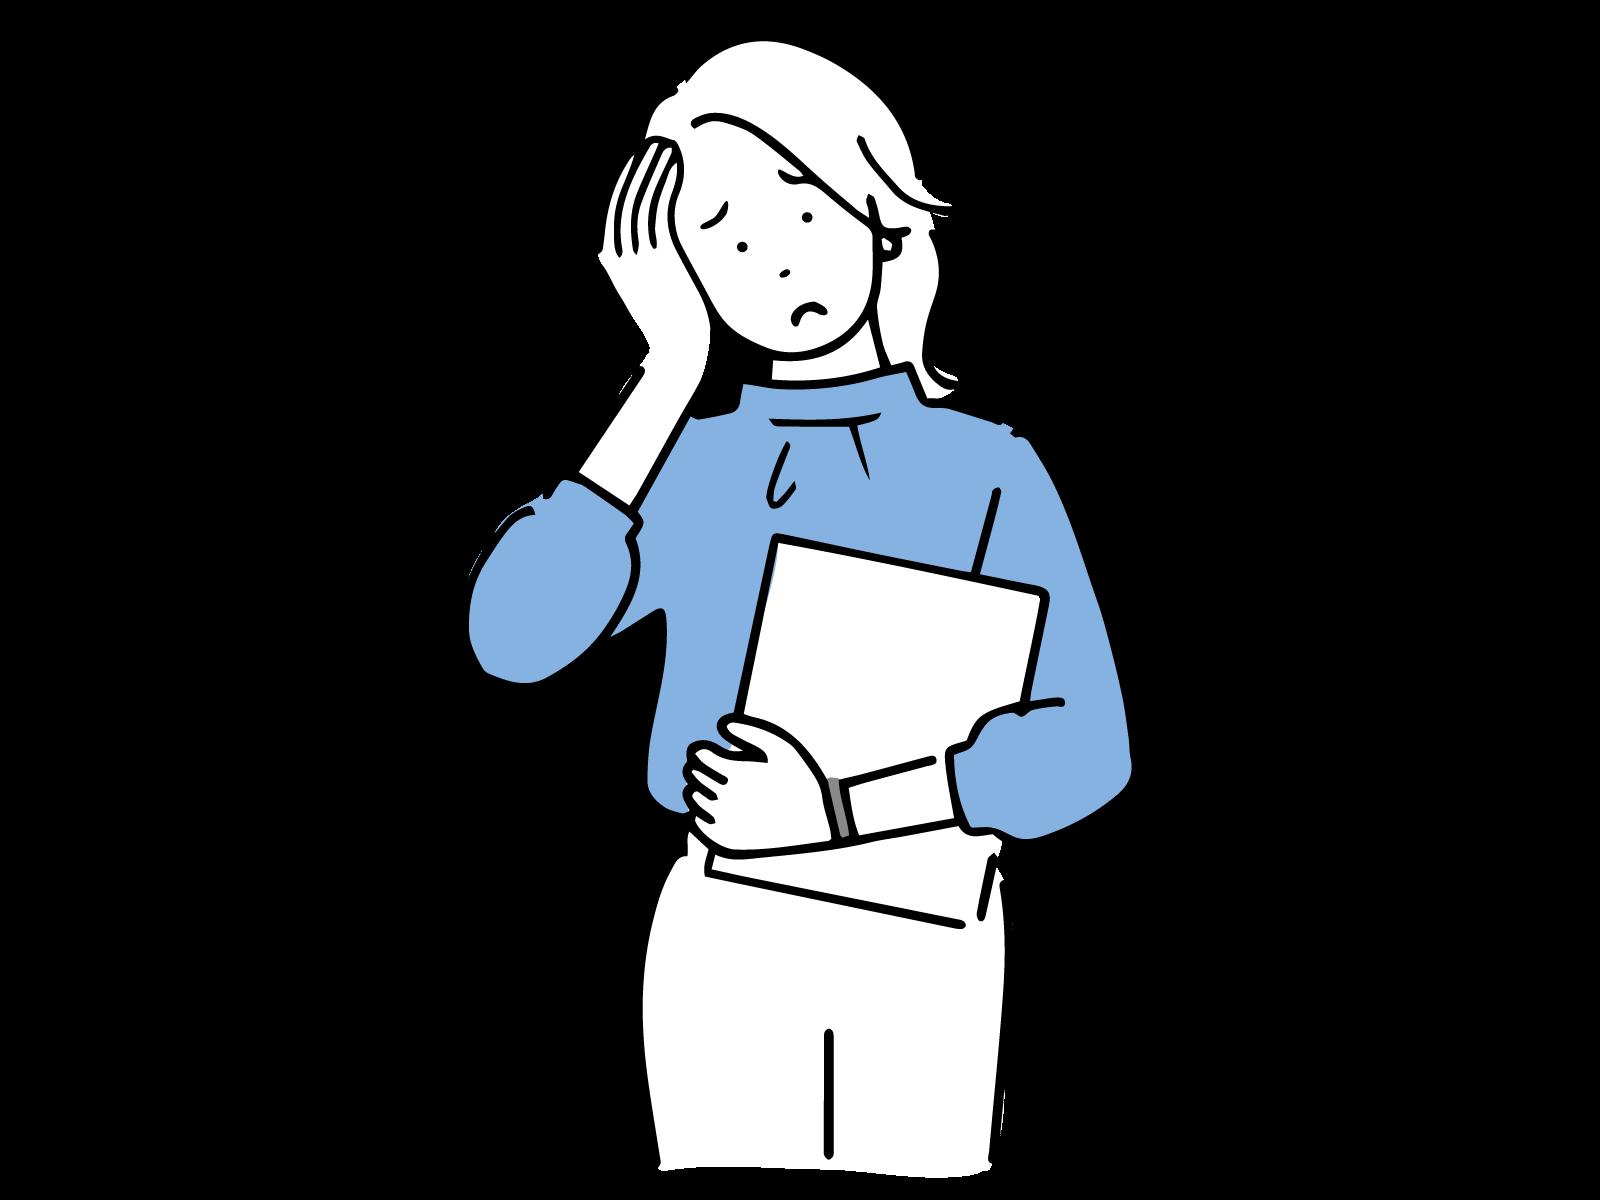 頭が痛い!考えられる2つの原因と対処・予防法